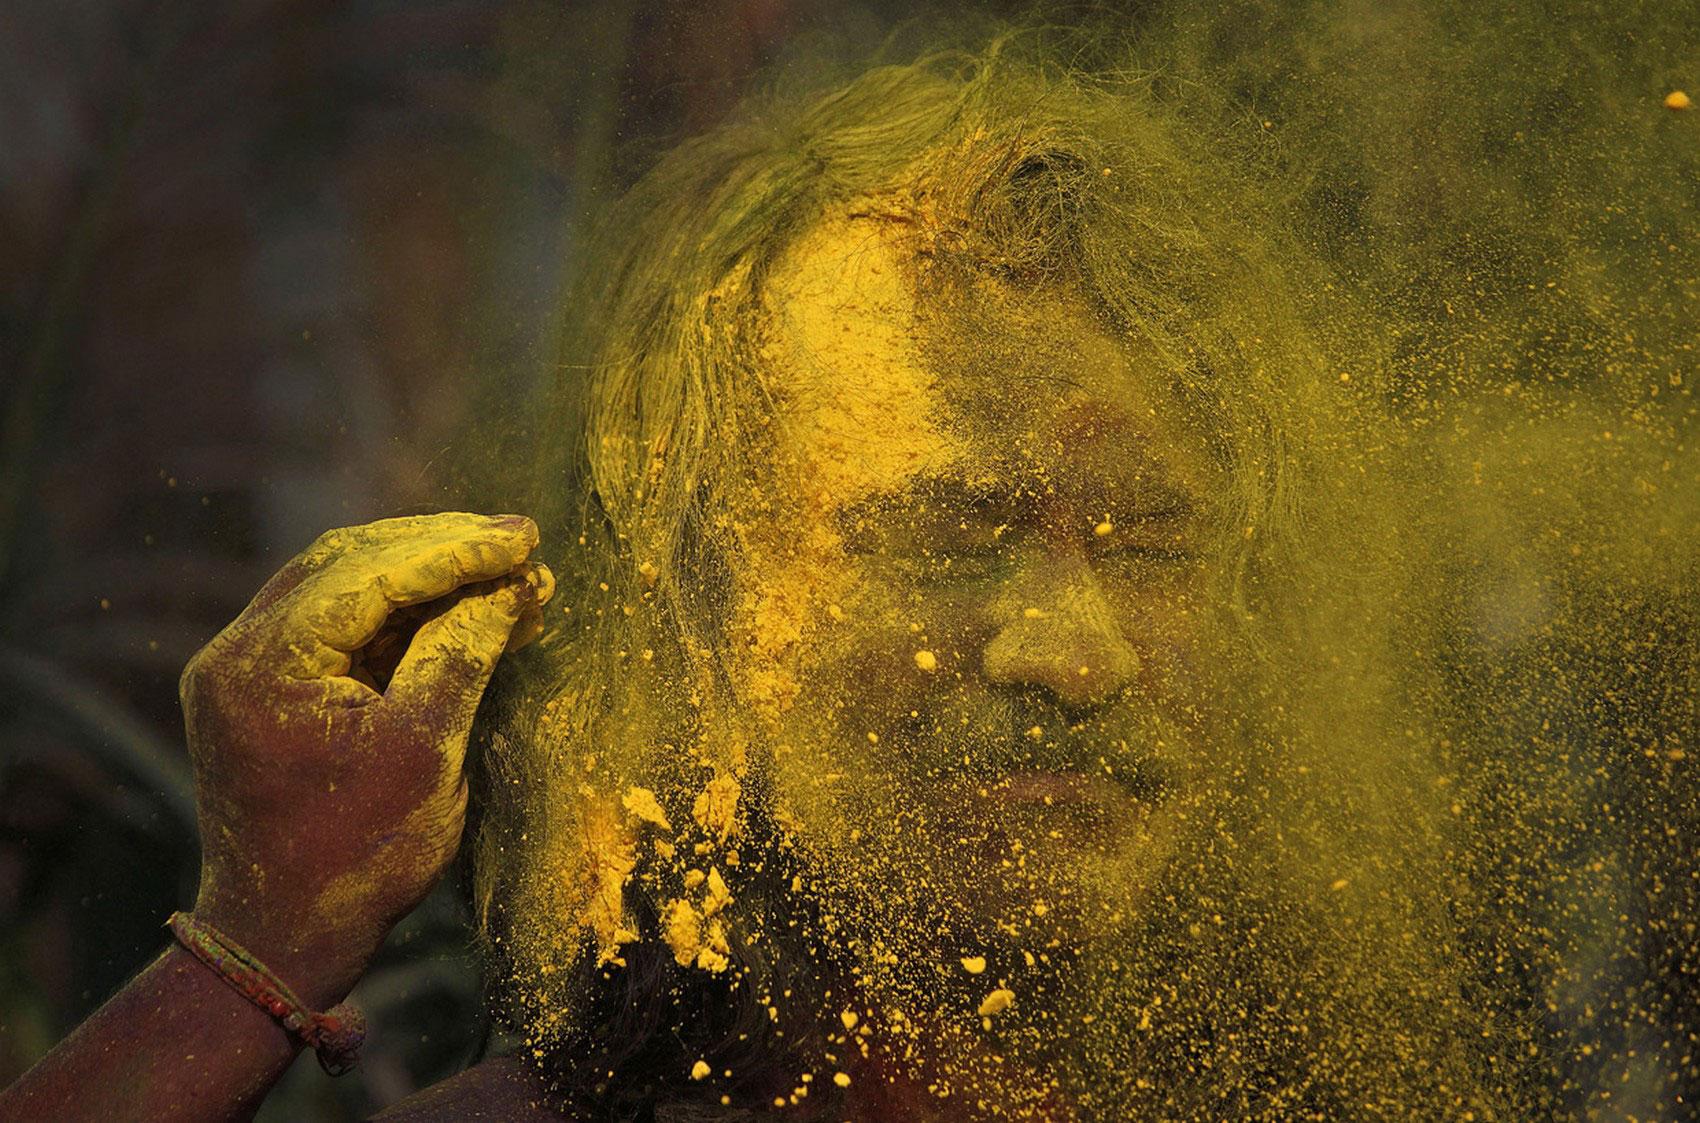 желтый порошок на празднике в Индии